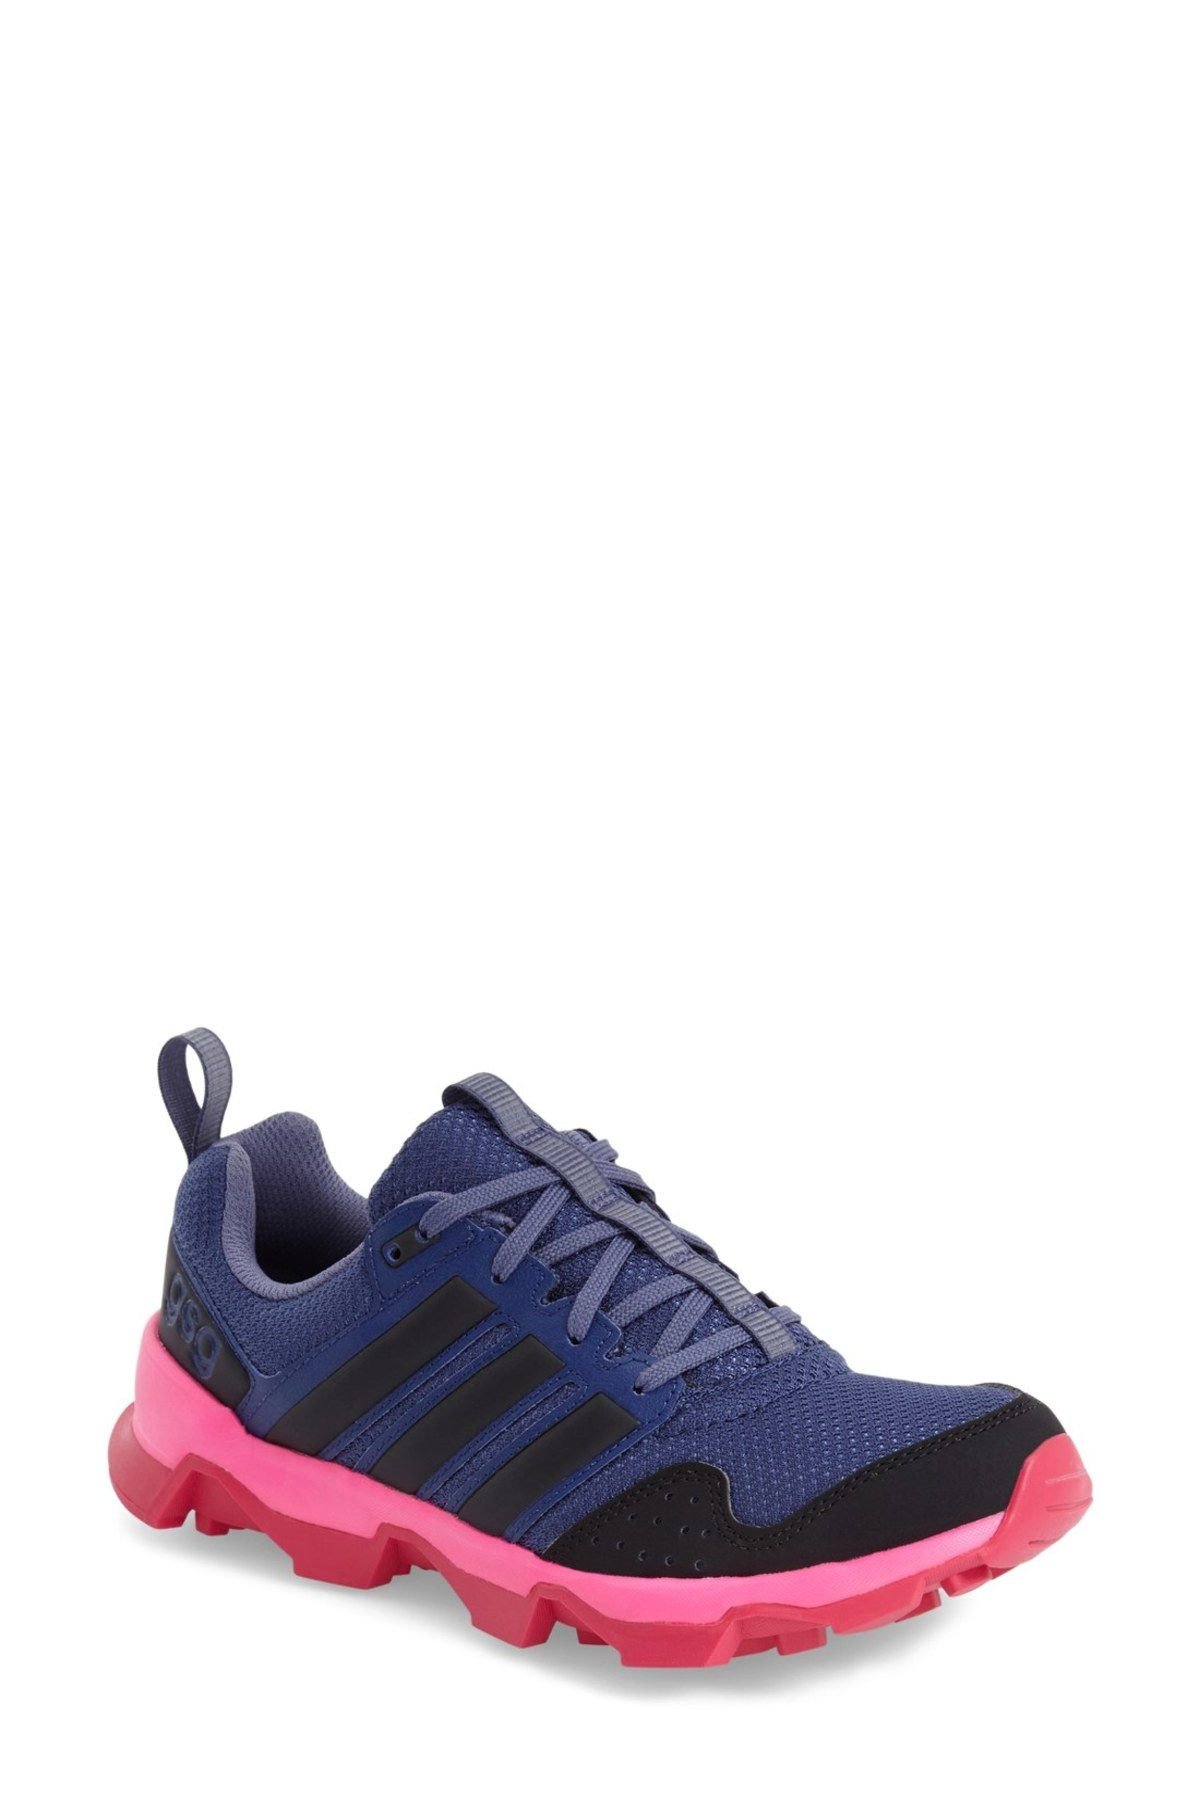 zapatillas trail adidas gsg9